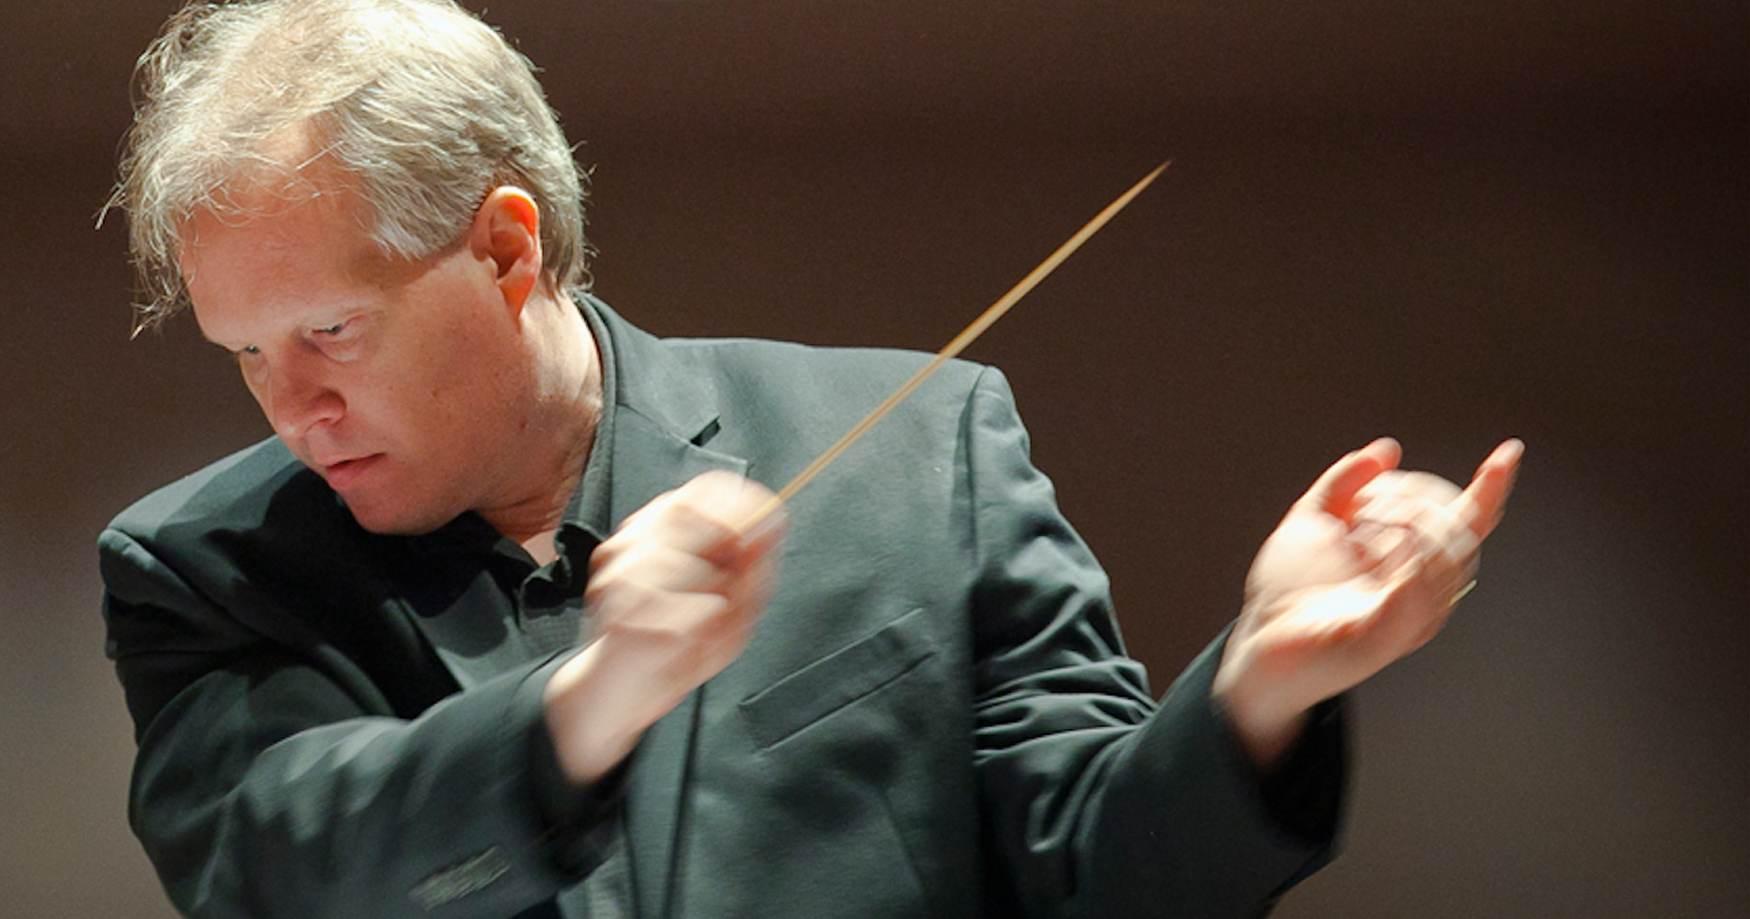 Kirk O'Riordan conducting